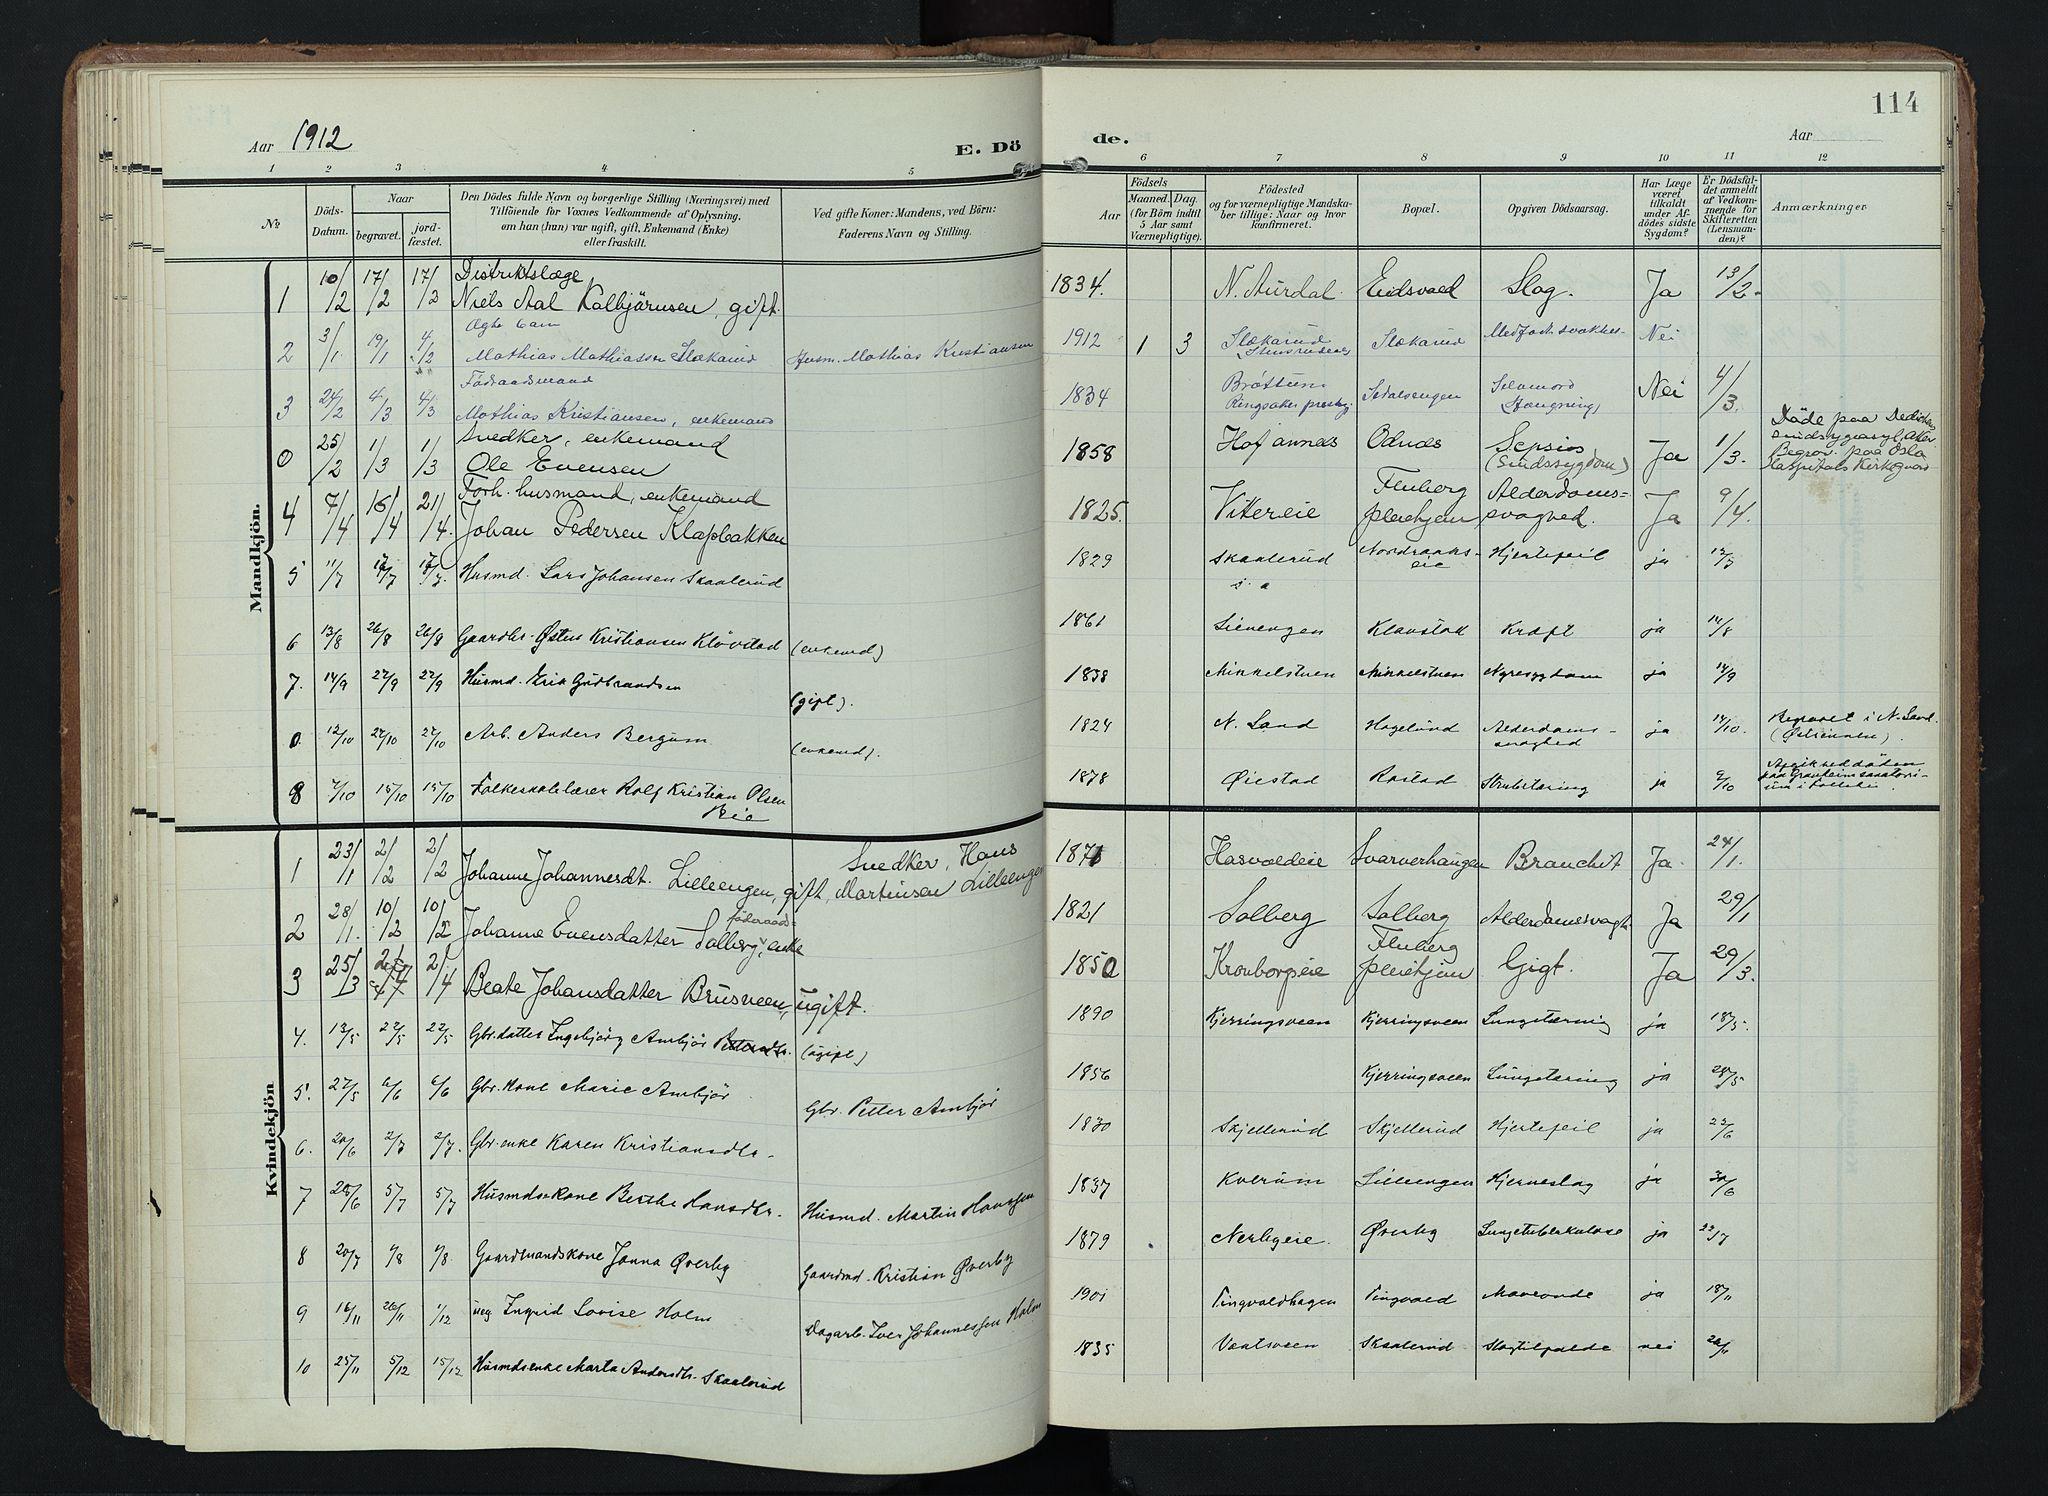 SAH, Søndre Land prestekontor, K/L0005: Ministerialbok nr. 5, 1905-1914, s. 114